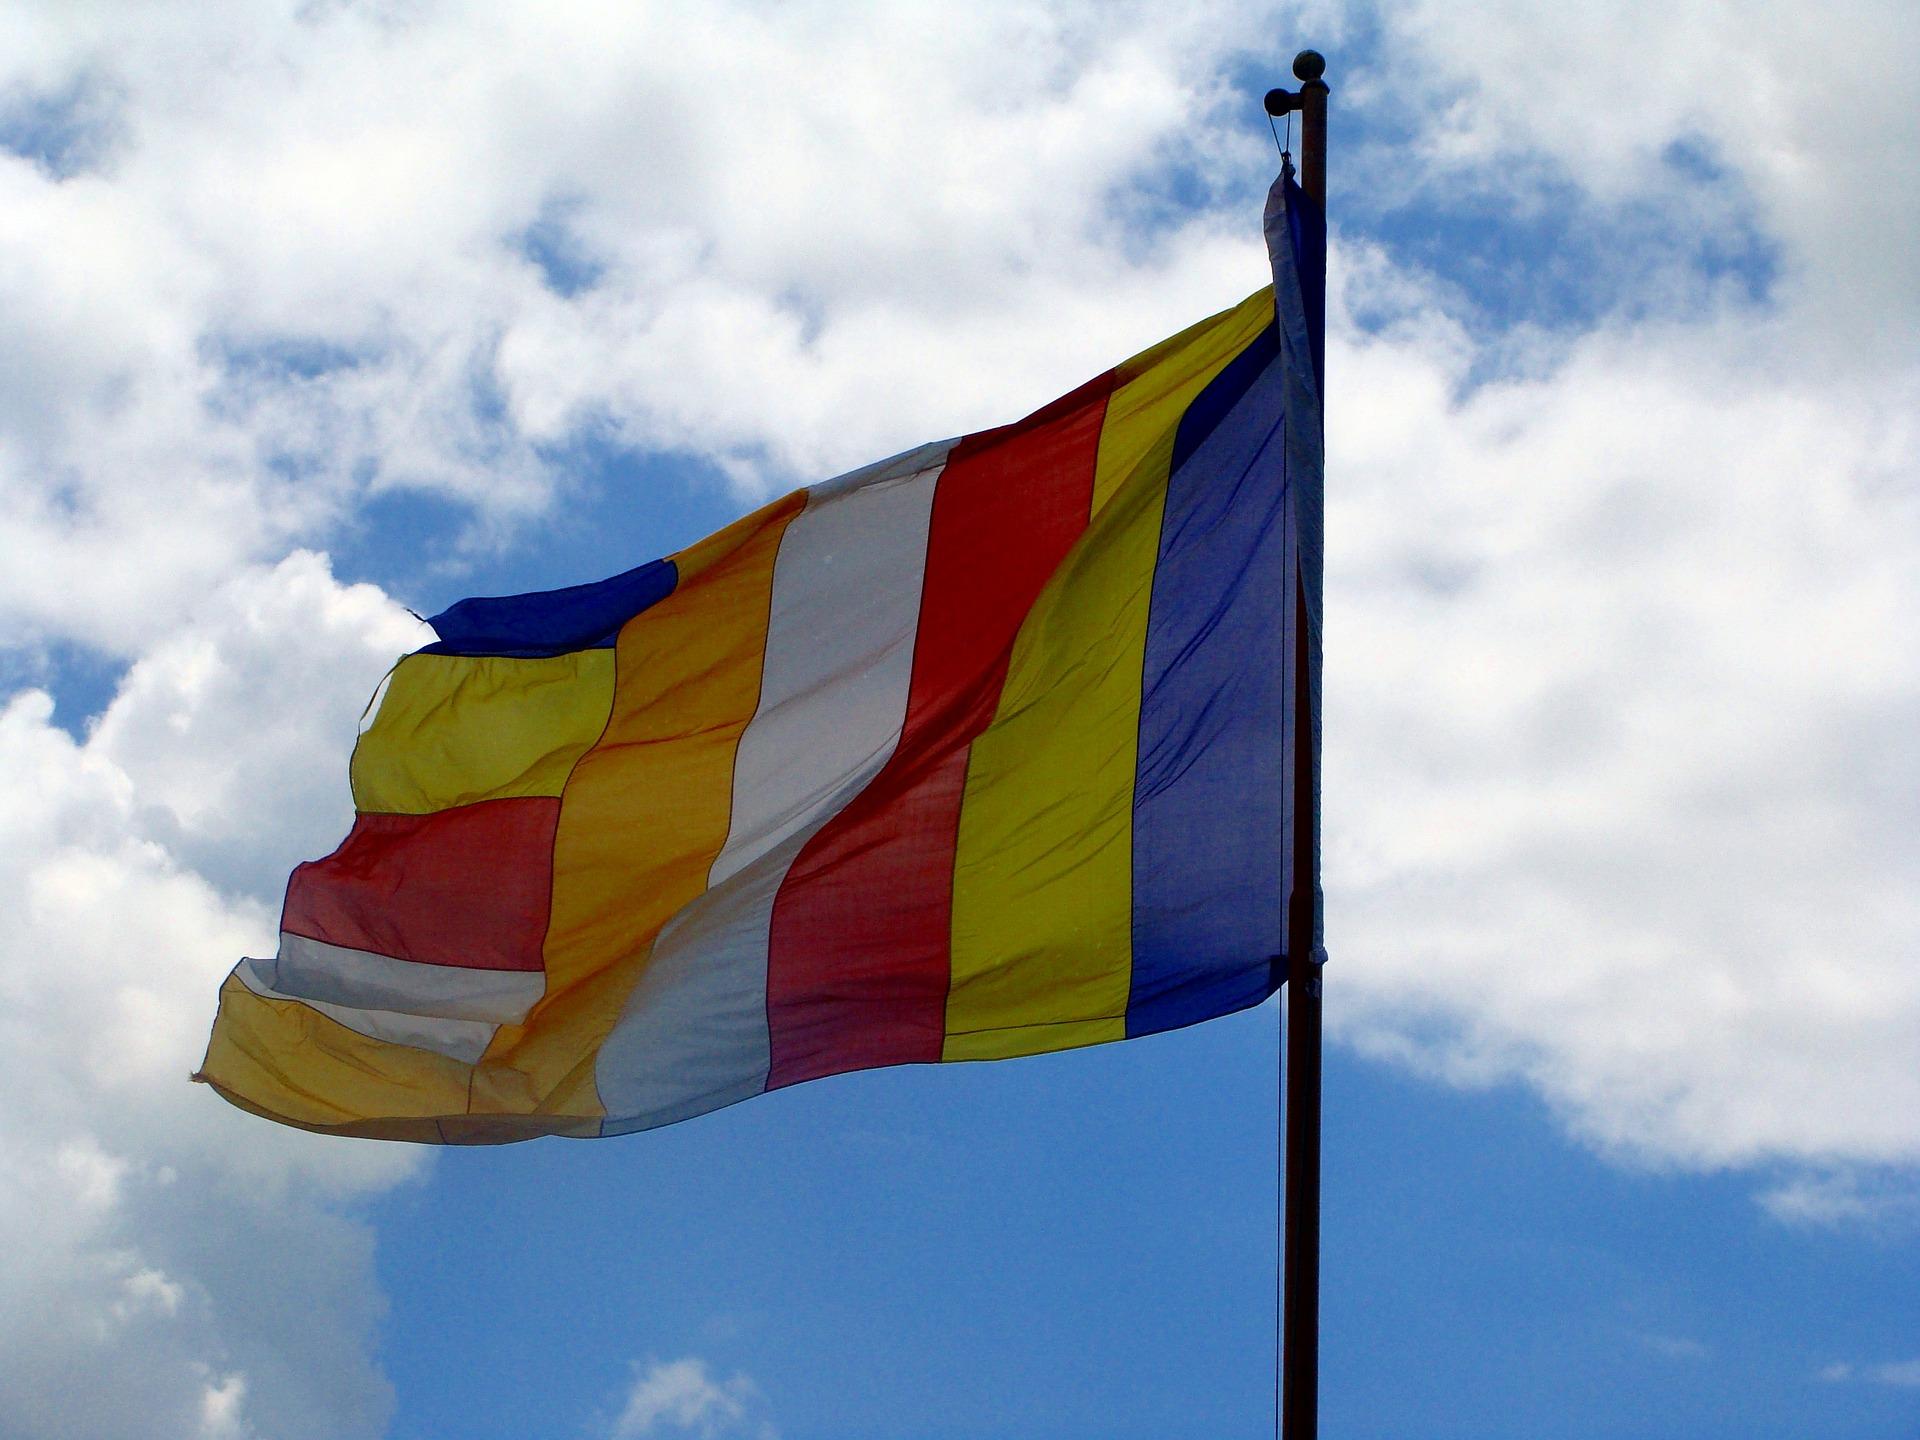 Giáo Hội Phật Giáo Việt Nam Thống Nhất Âu Châu thông báo khẩn